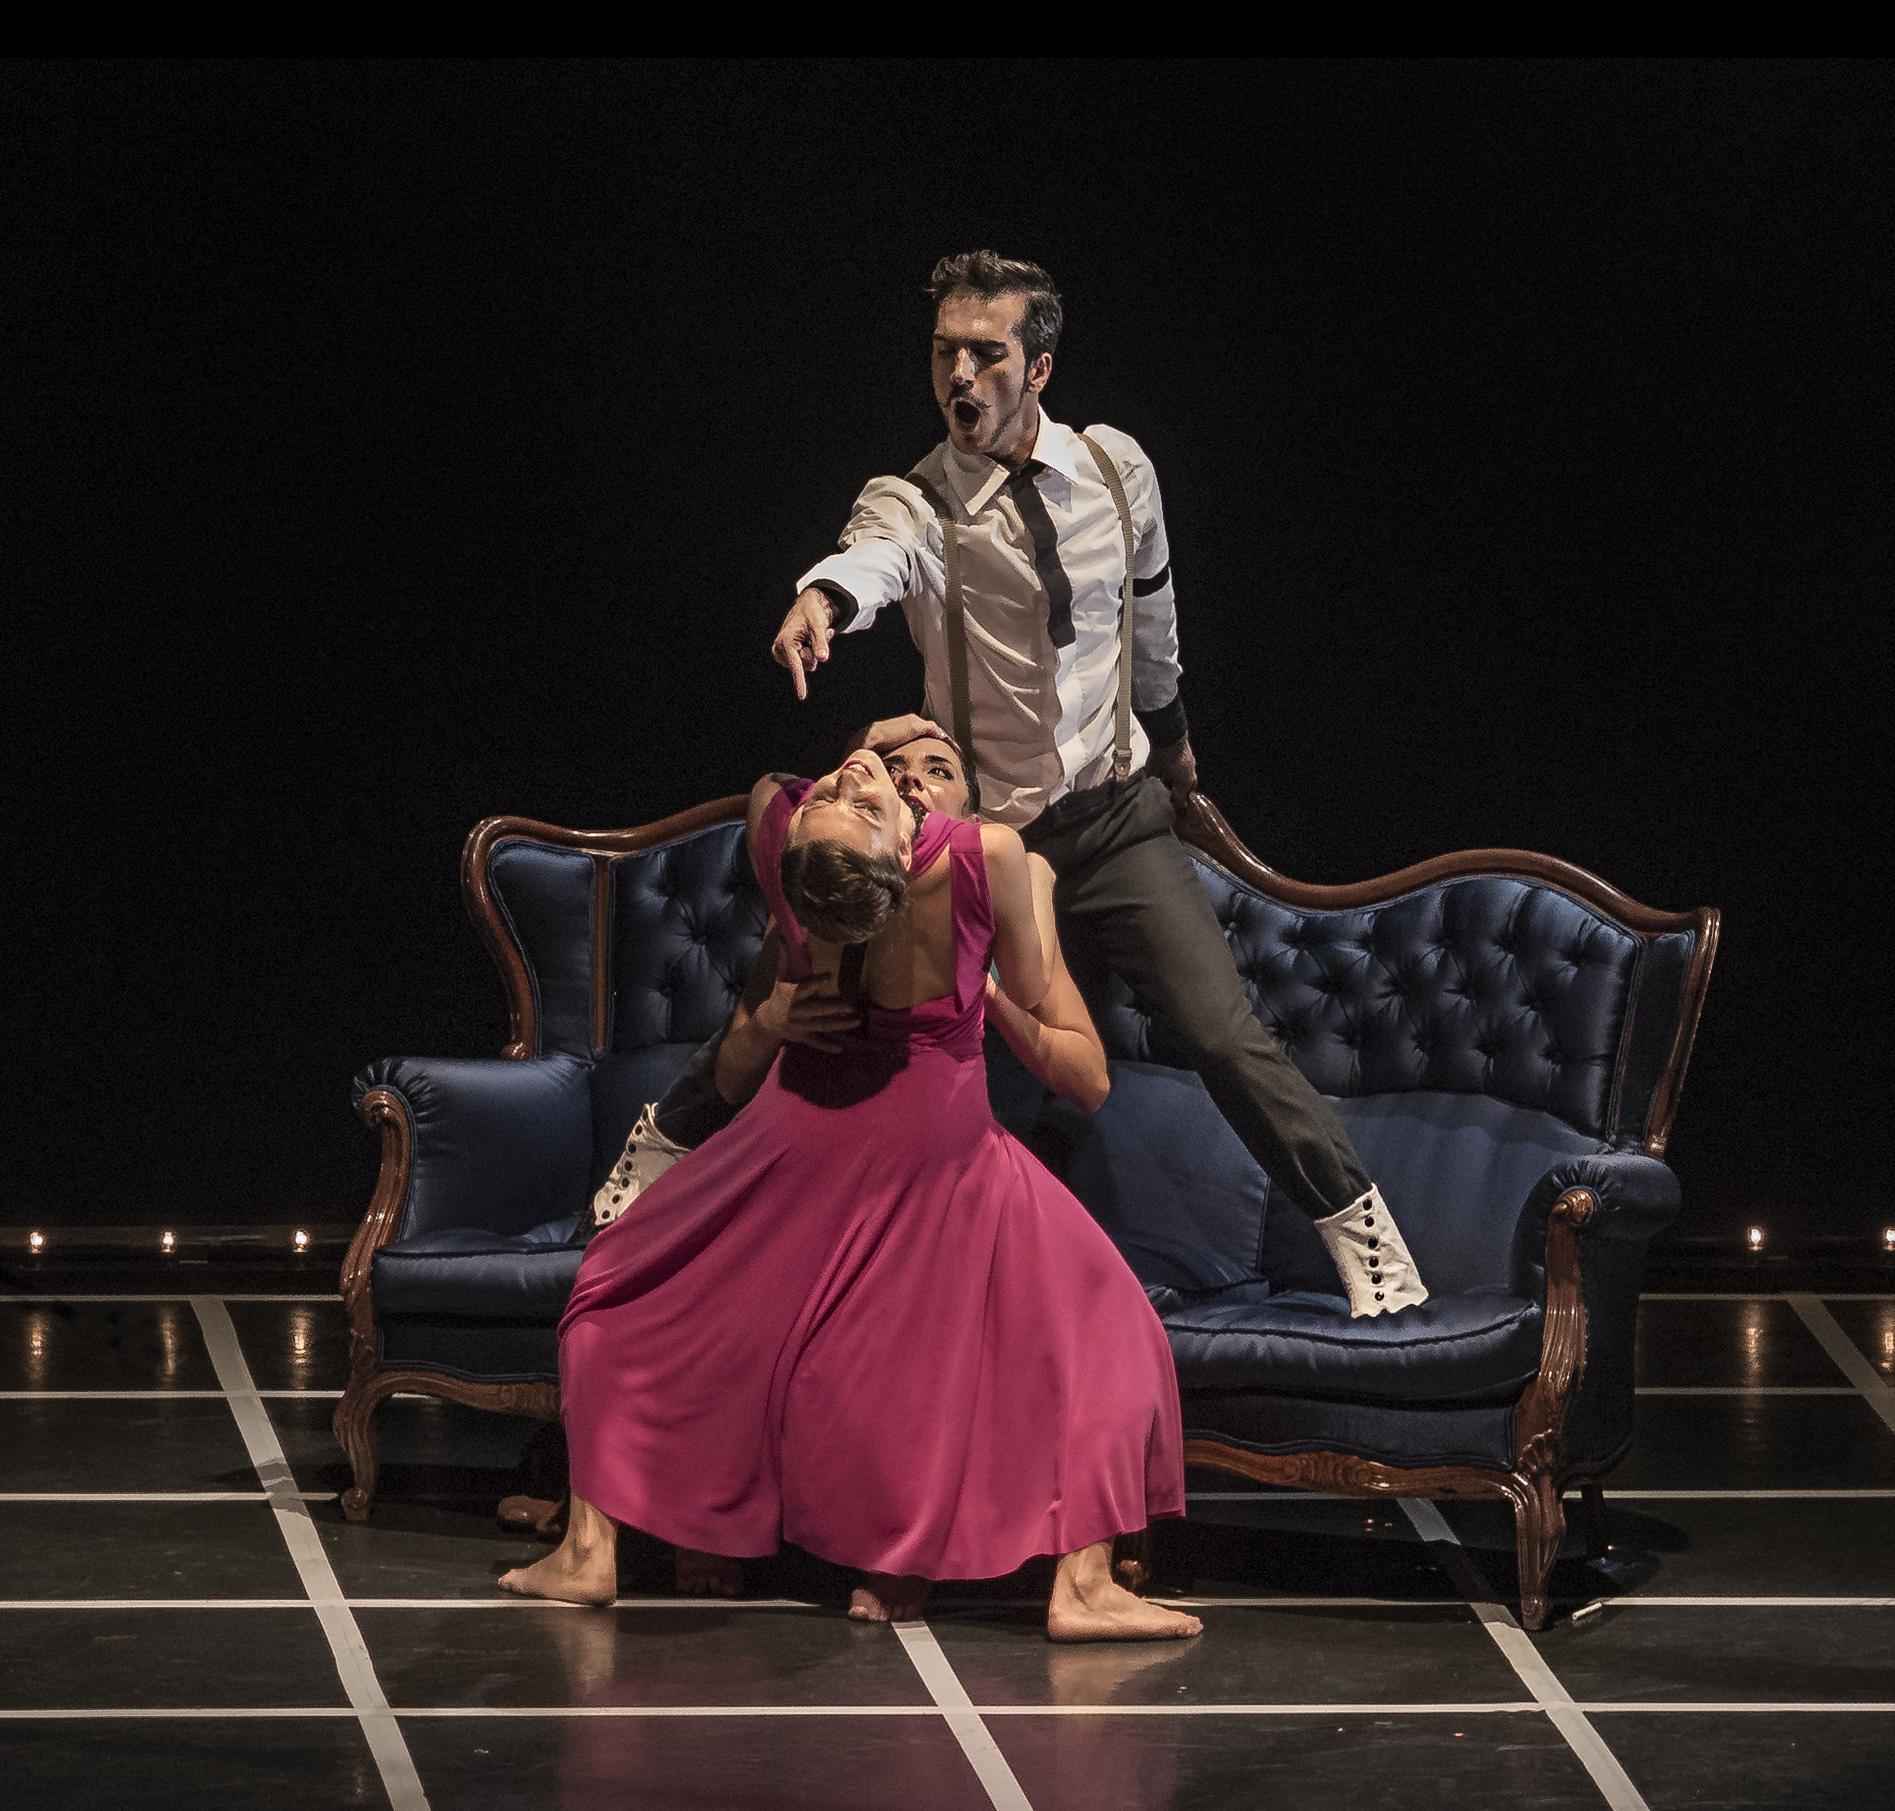 Salvador Rocher, Diana Huertas y Saray Huertas de OtraDanza representando la pieza Clandestino de Asun Noales en el Gran Teatro de Elche